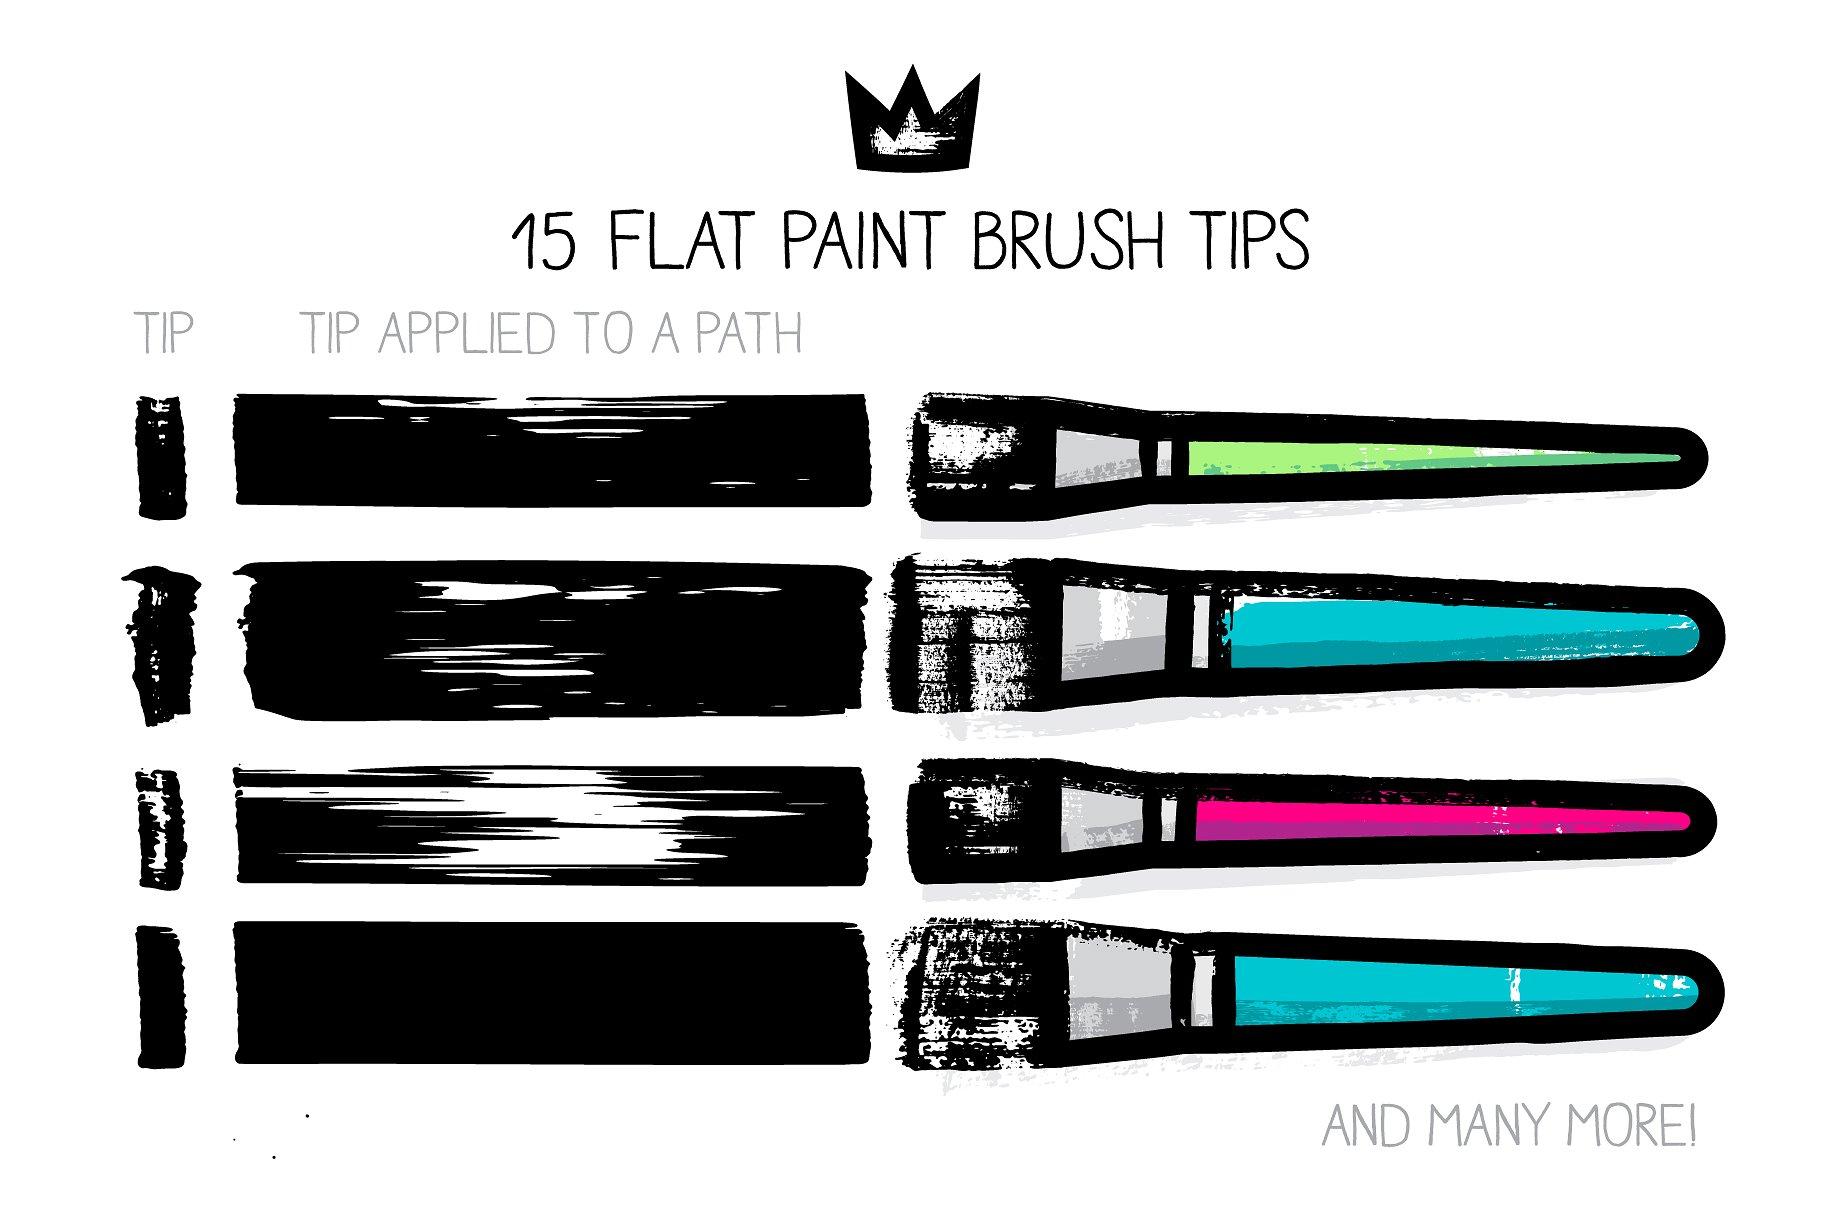 肌理笔刷下载 AI flat paint brushes设计素材模板